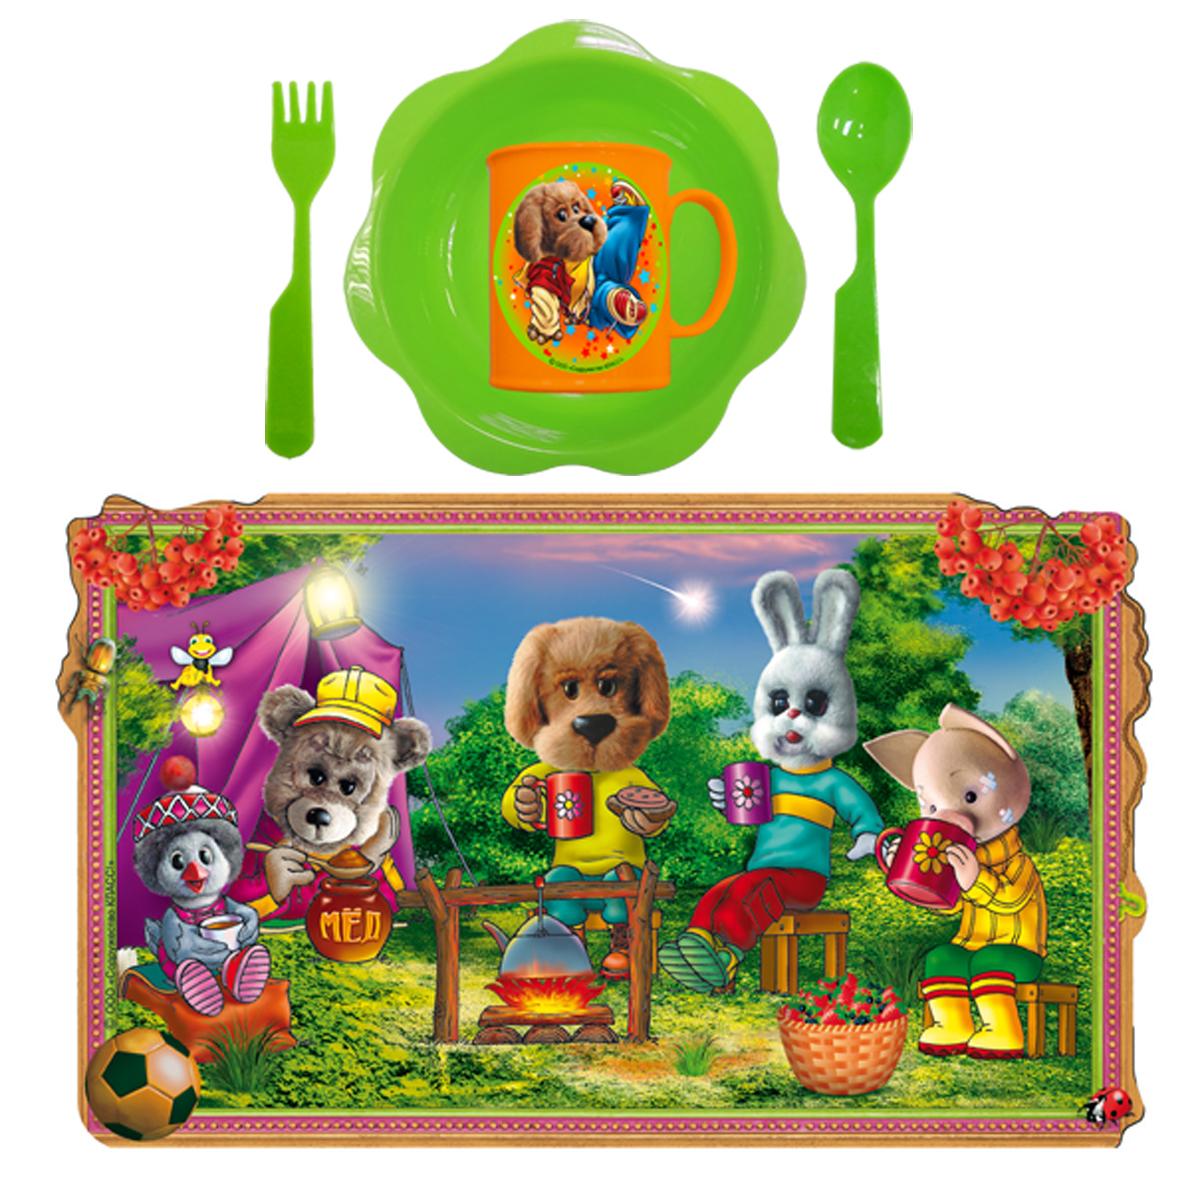 Набор детской посуды Филя брэйк дэнс 5 предметов Н5СП10